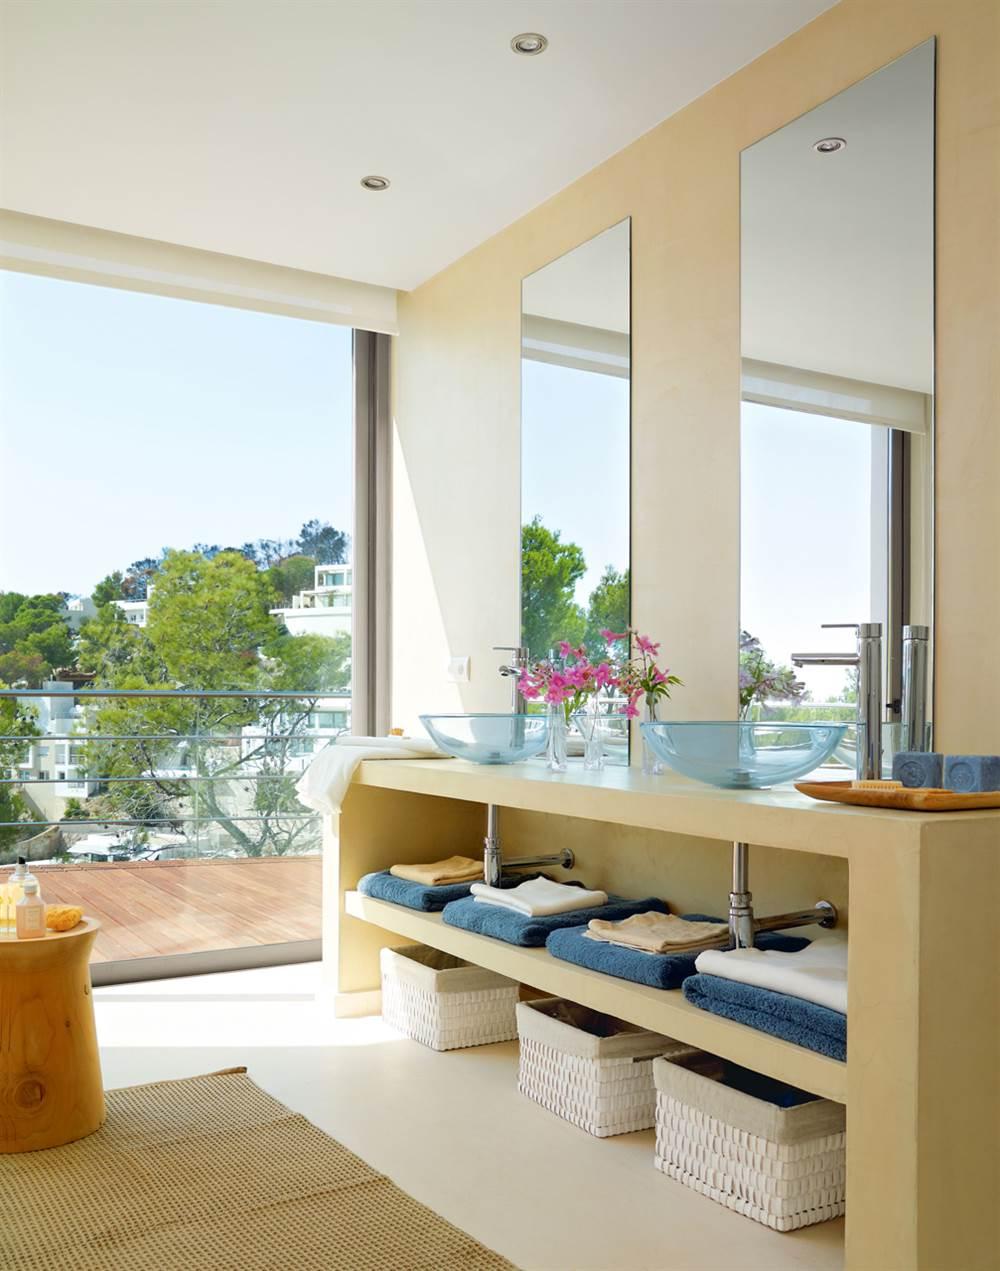 Imagenes De Muebles De Baño De Obra:consejos para iluminar el baño